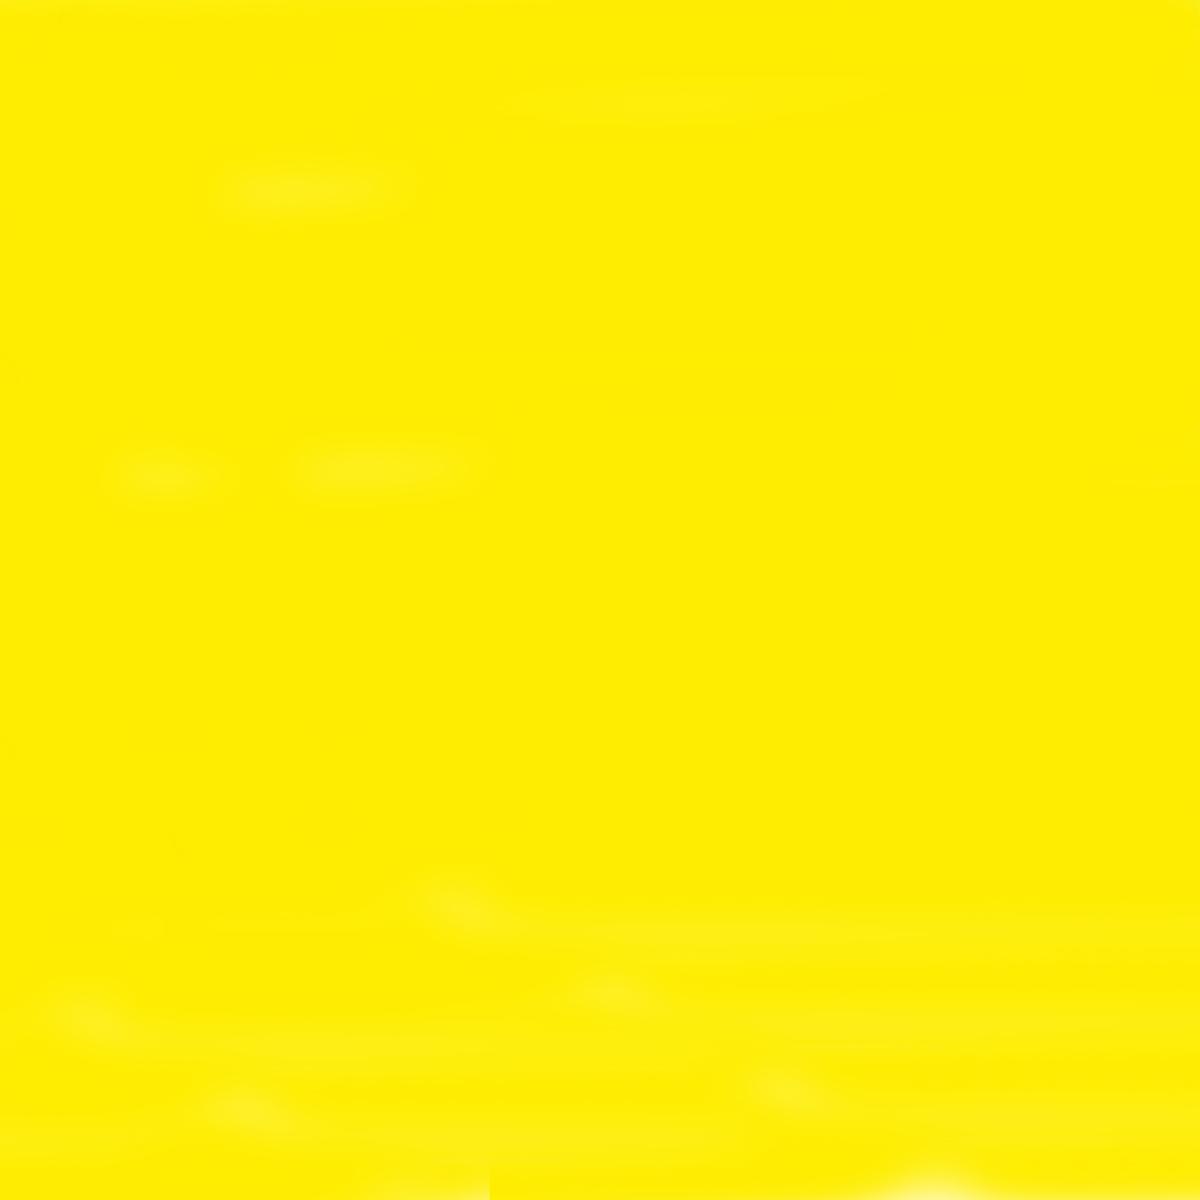 färgen gul symboliserar